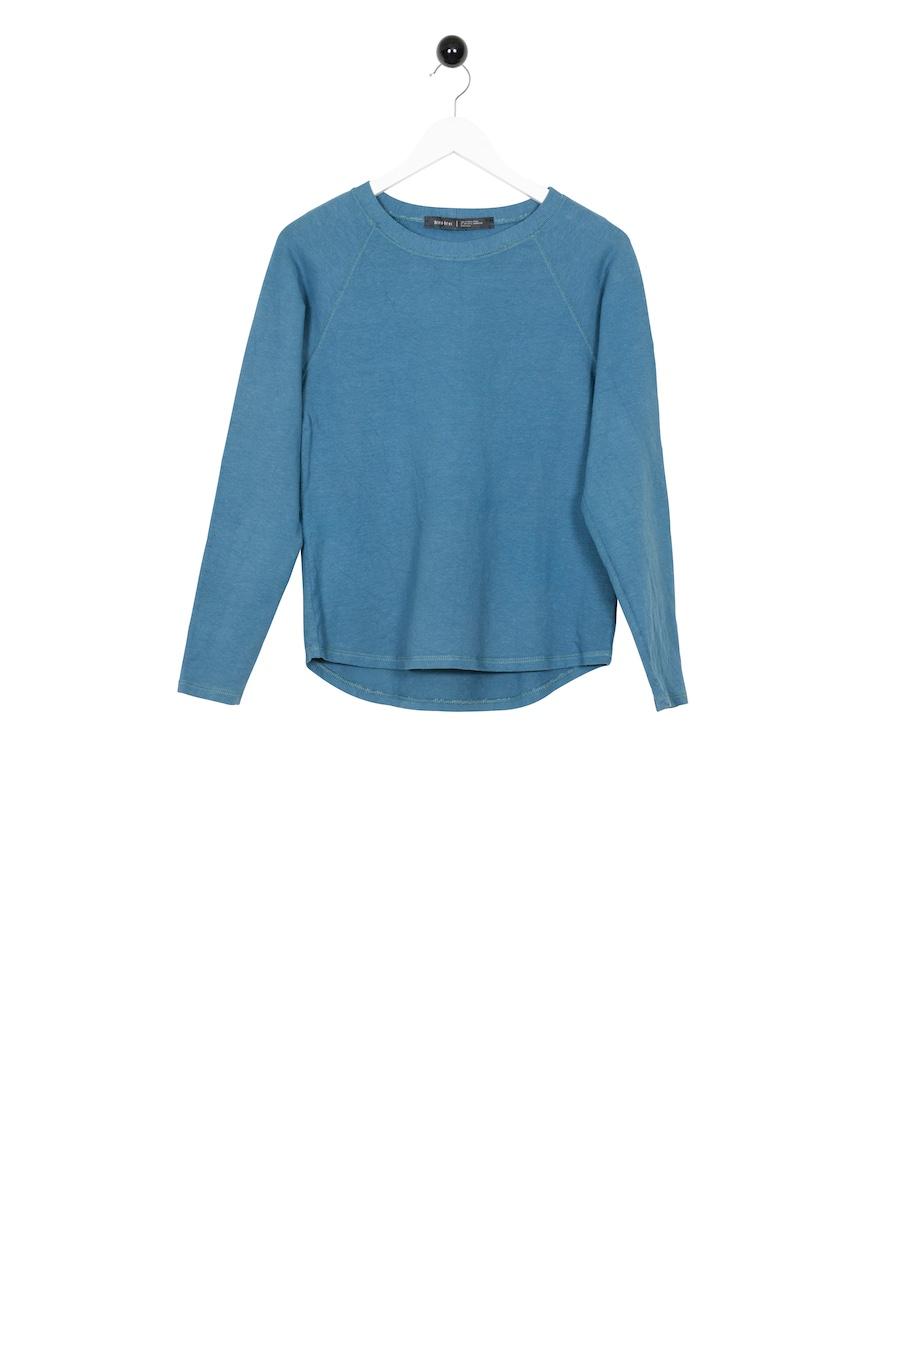 Morän Sweater